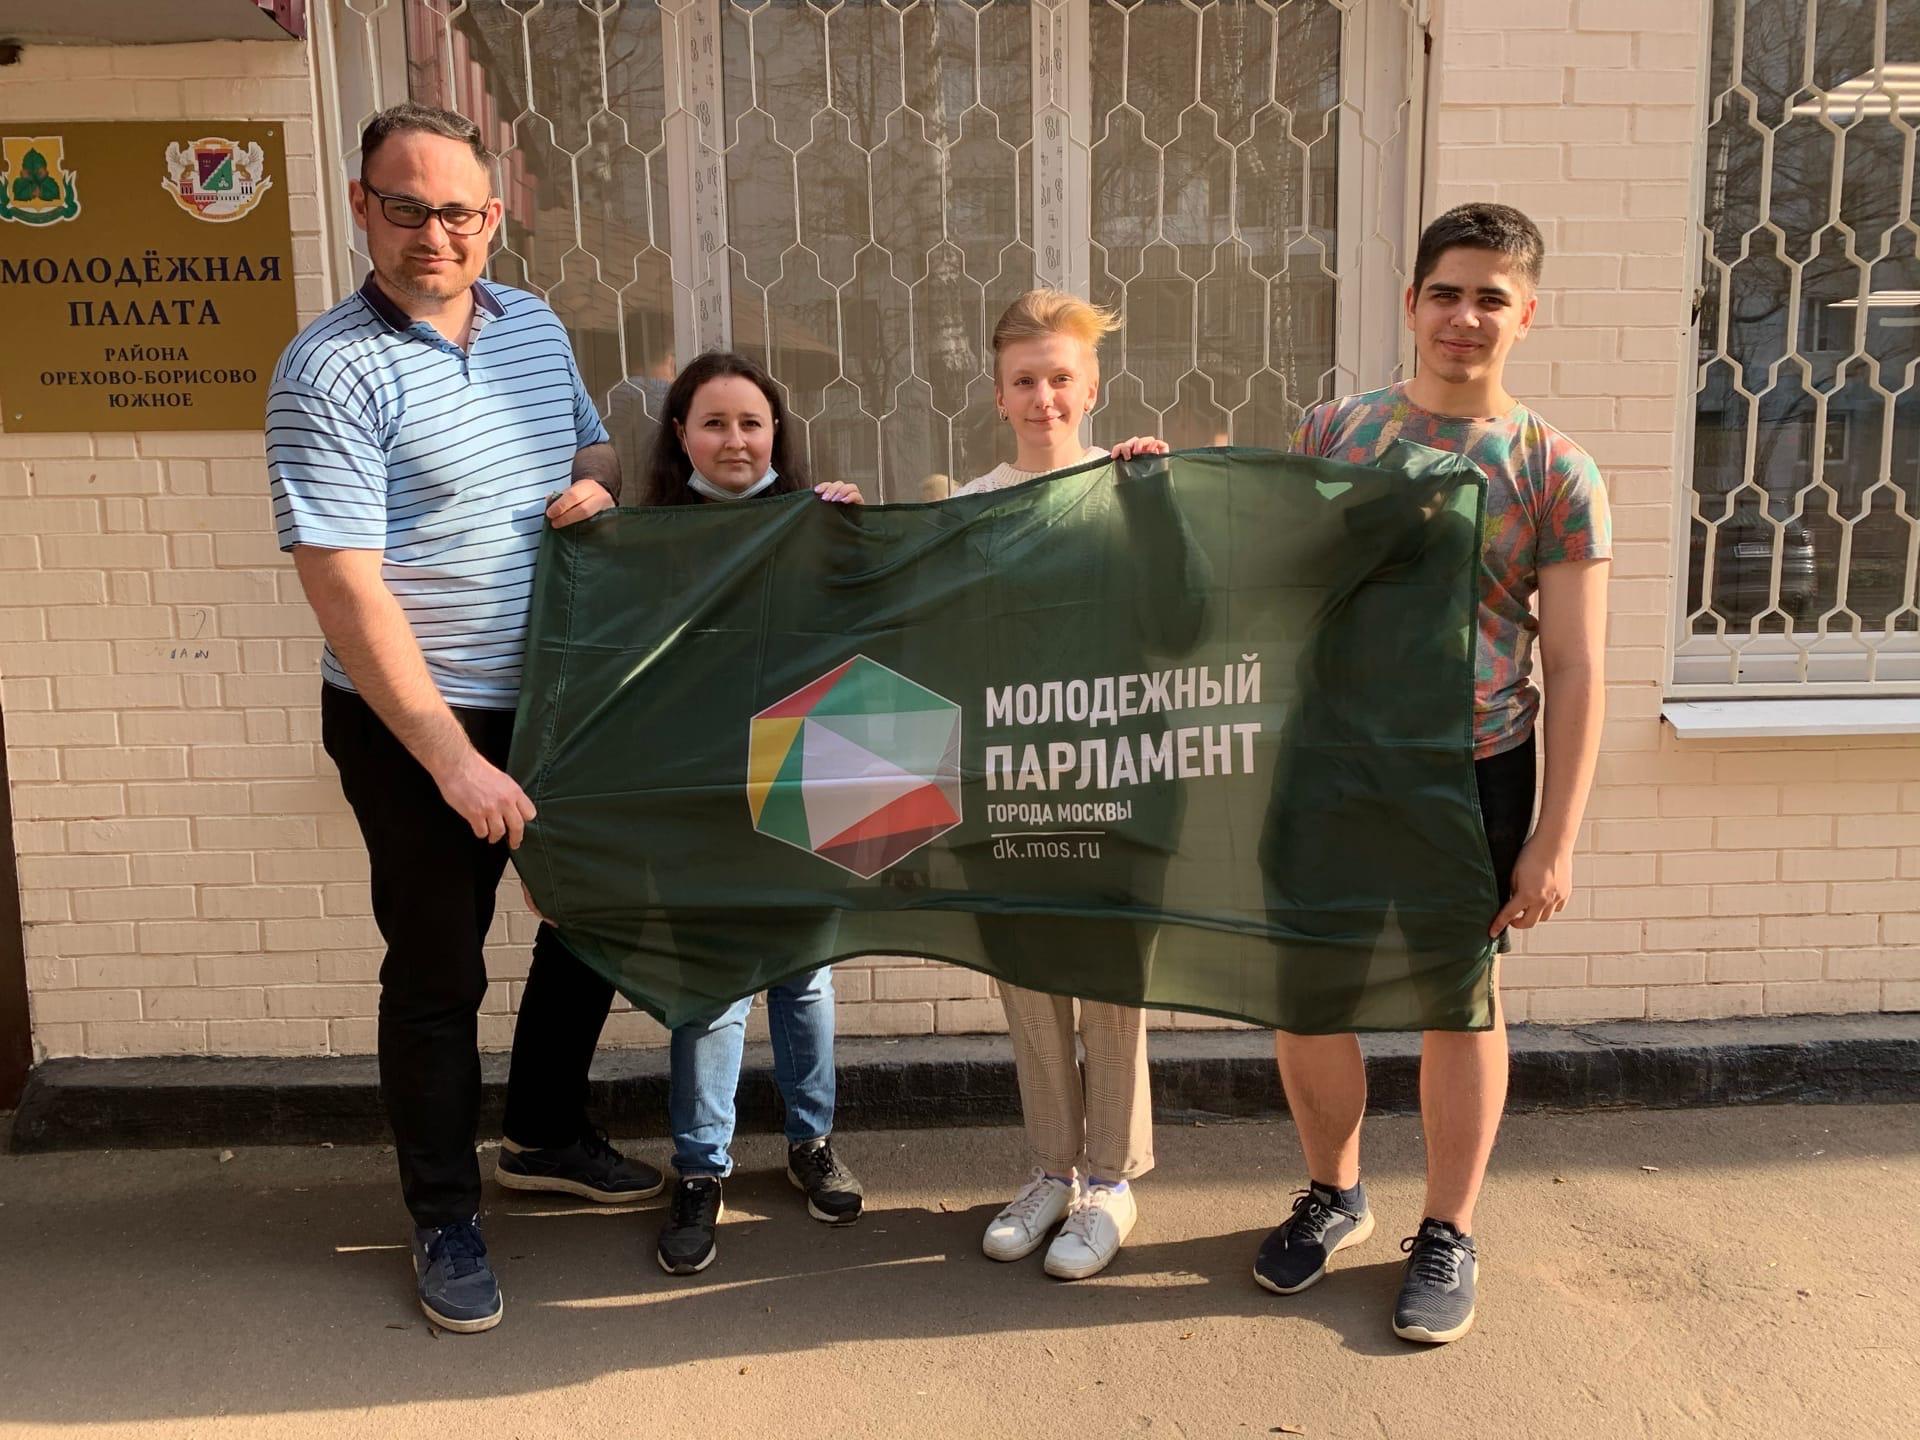 Заседание Молодежной палаты состоялось в Орехове-Борисове Южном